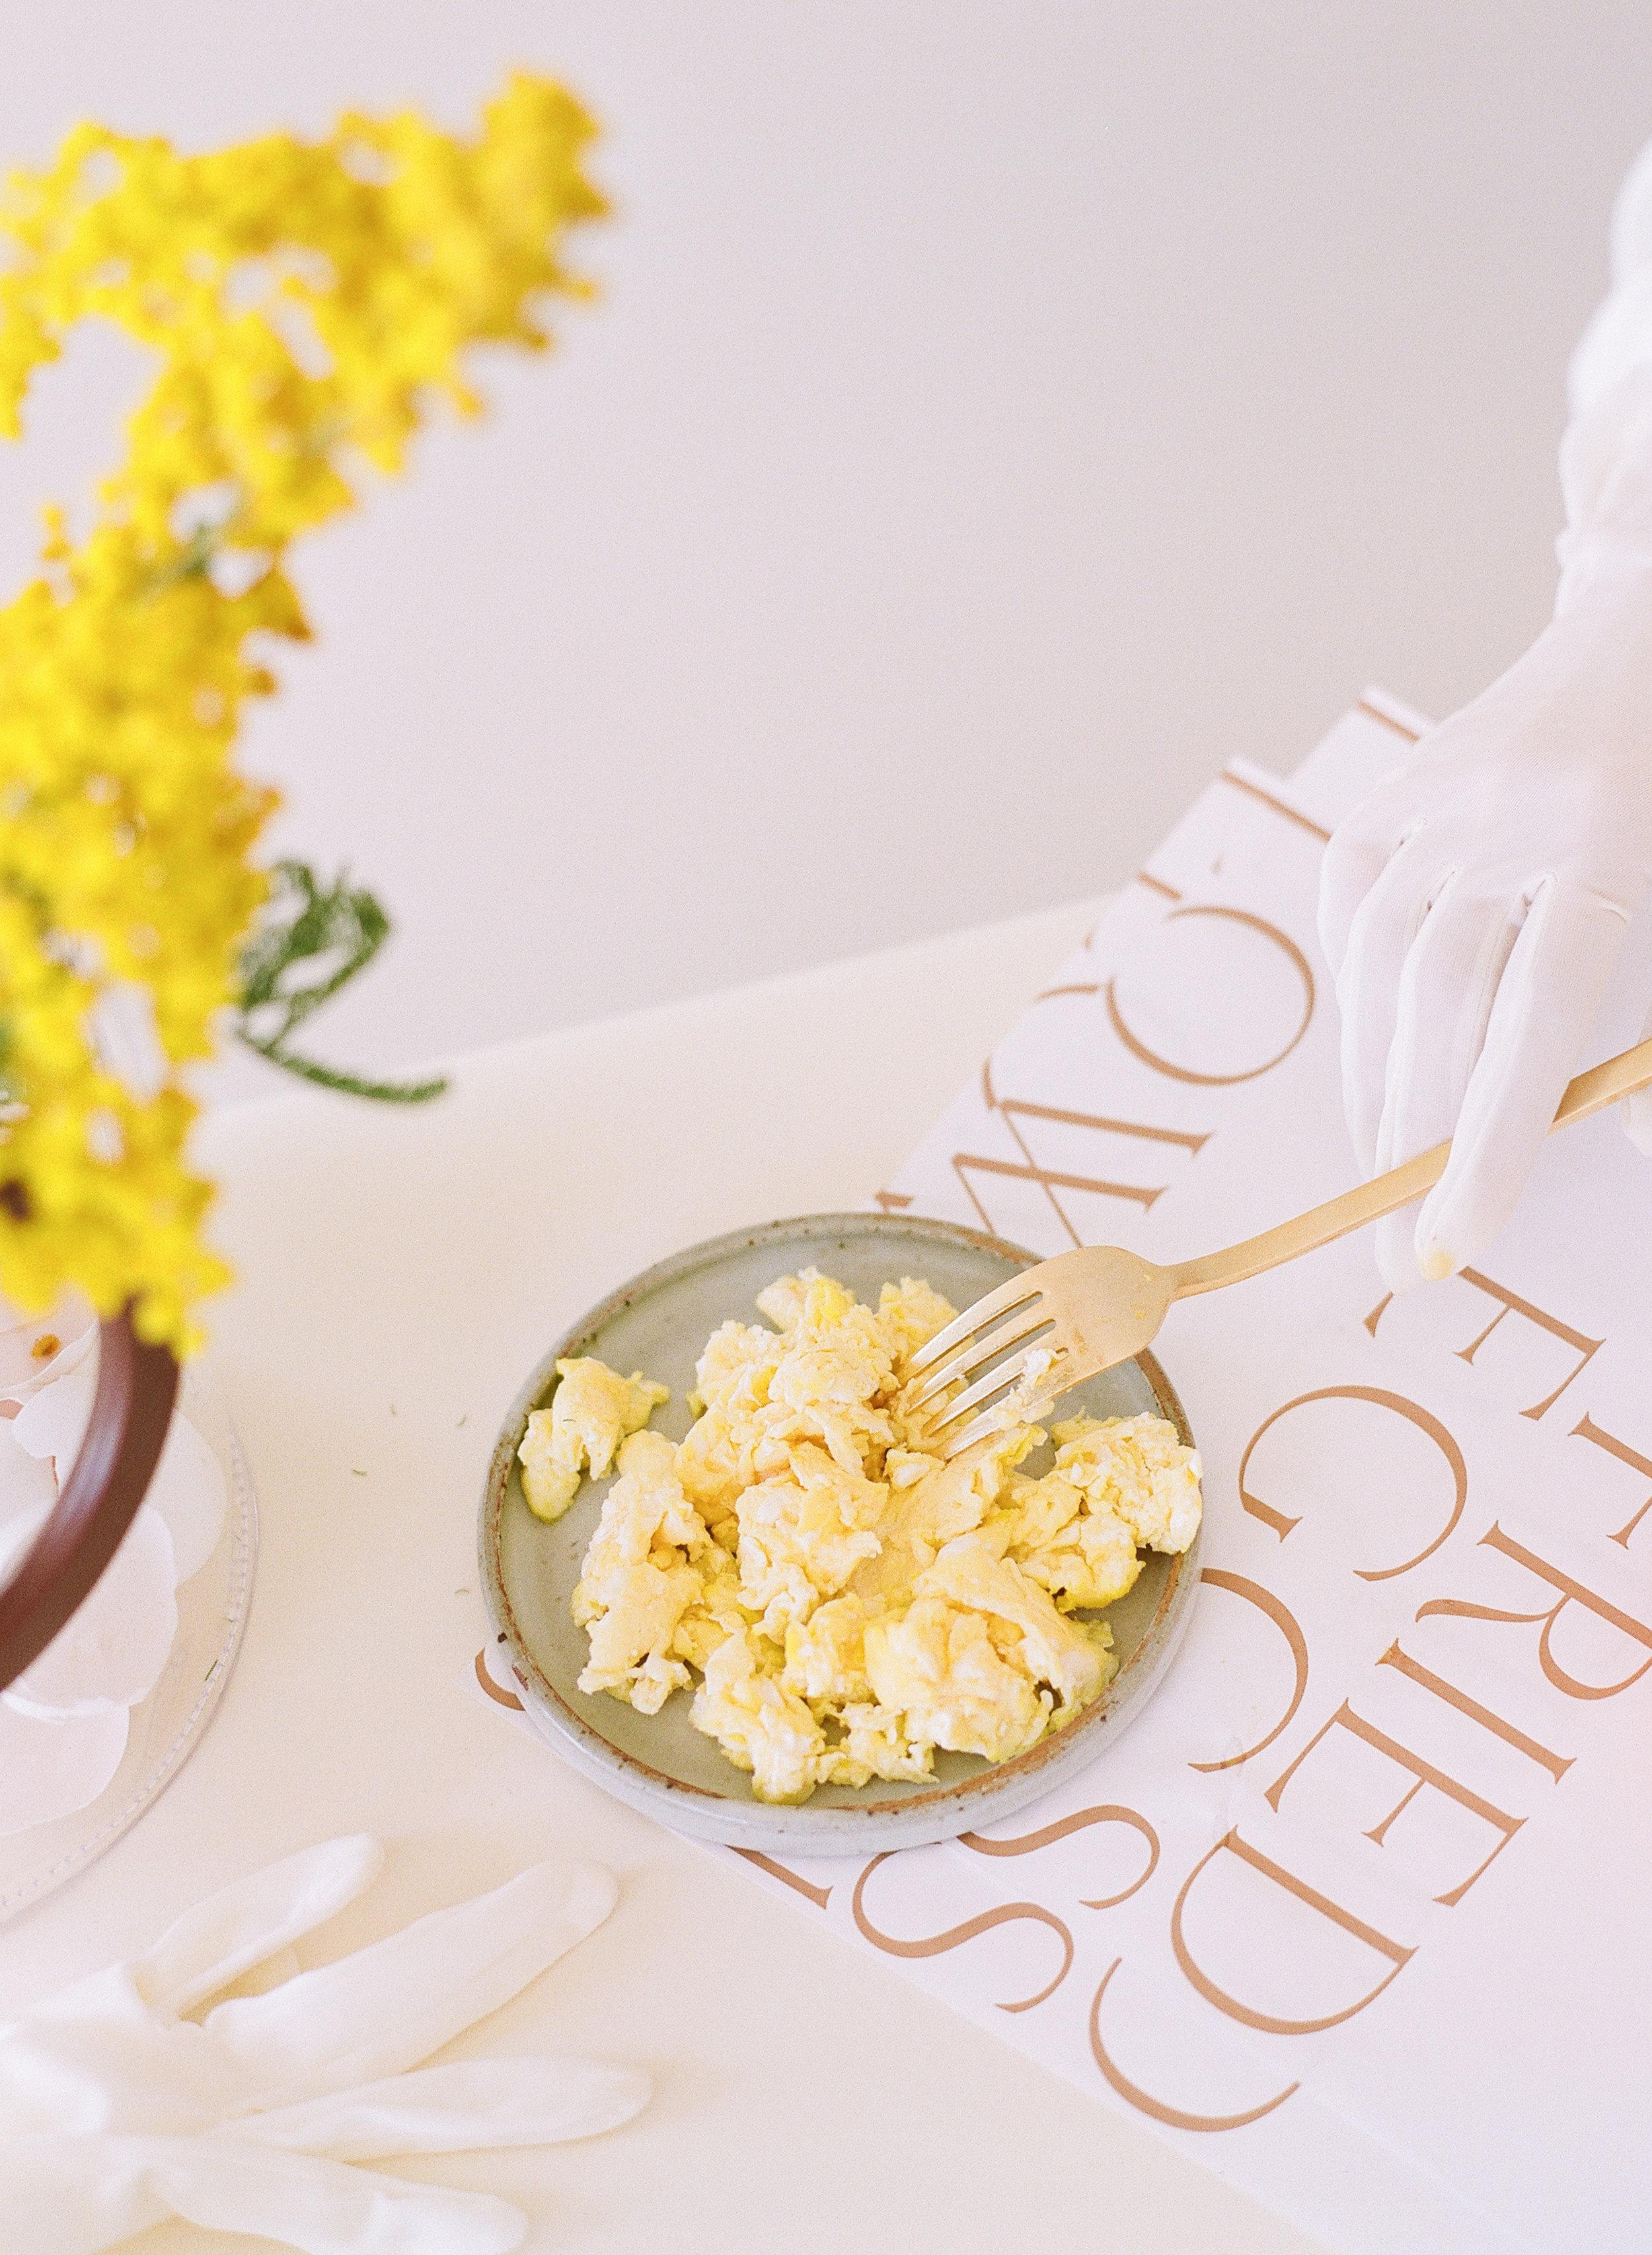 021_FriedEggs&Flowers.jpg